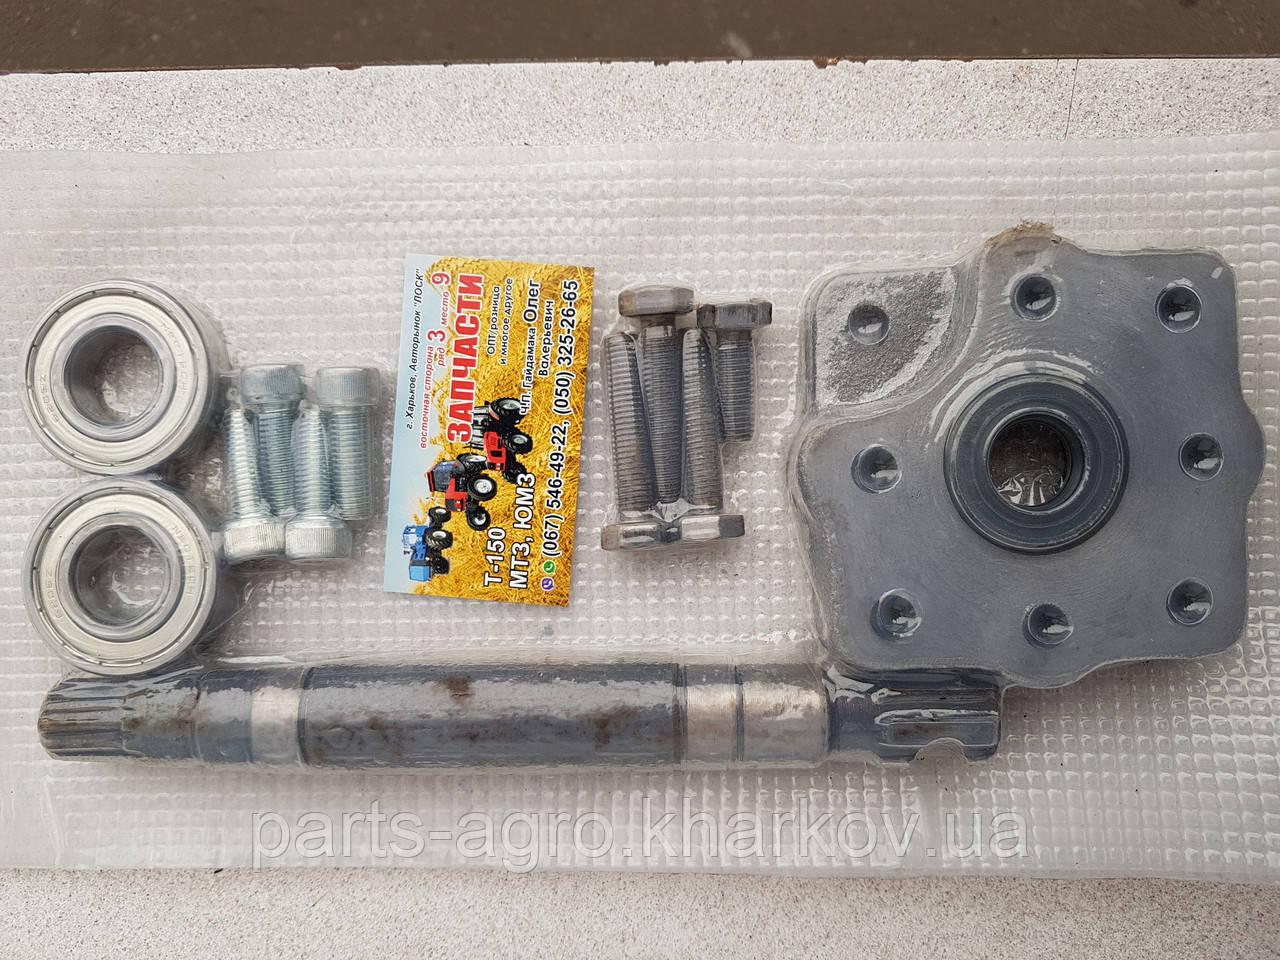 Комплект для установки Насоса дозатора в рулевую колонку Гур МТЗ-80/82